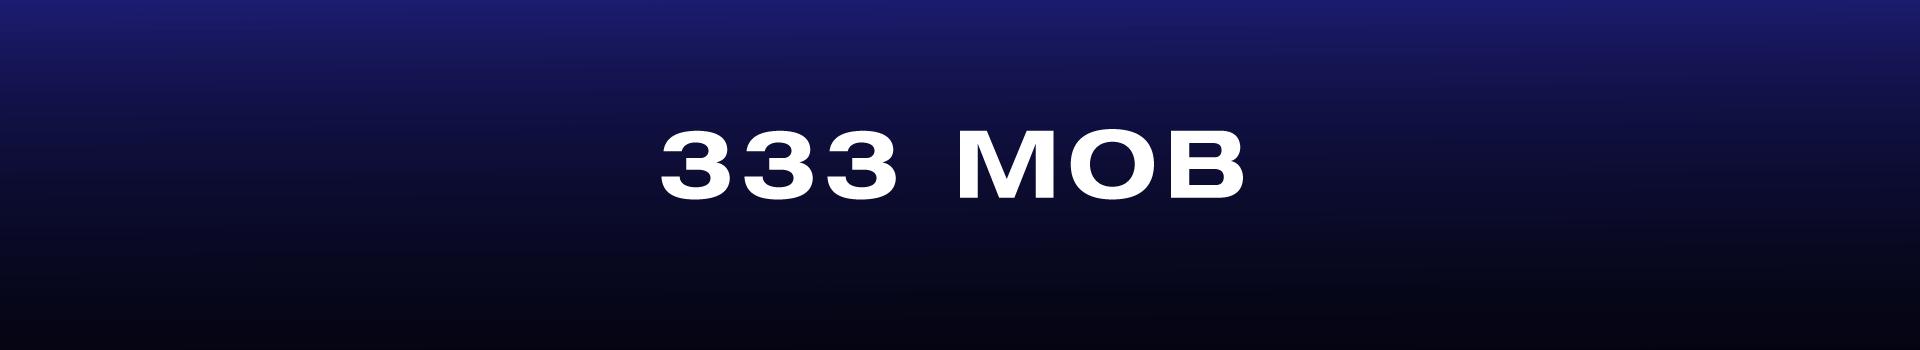 333mob